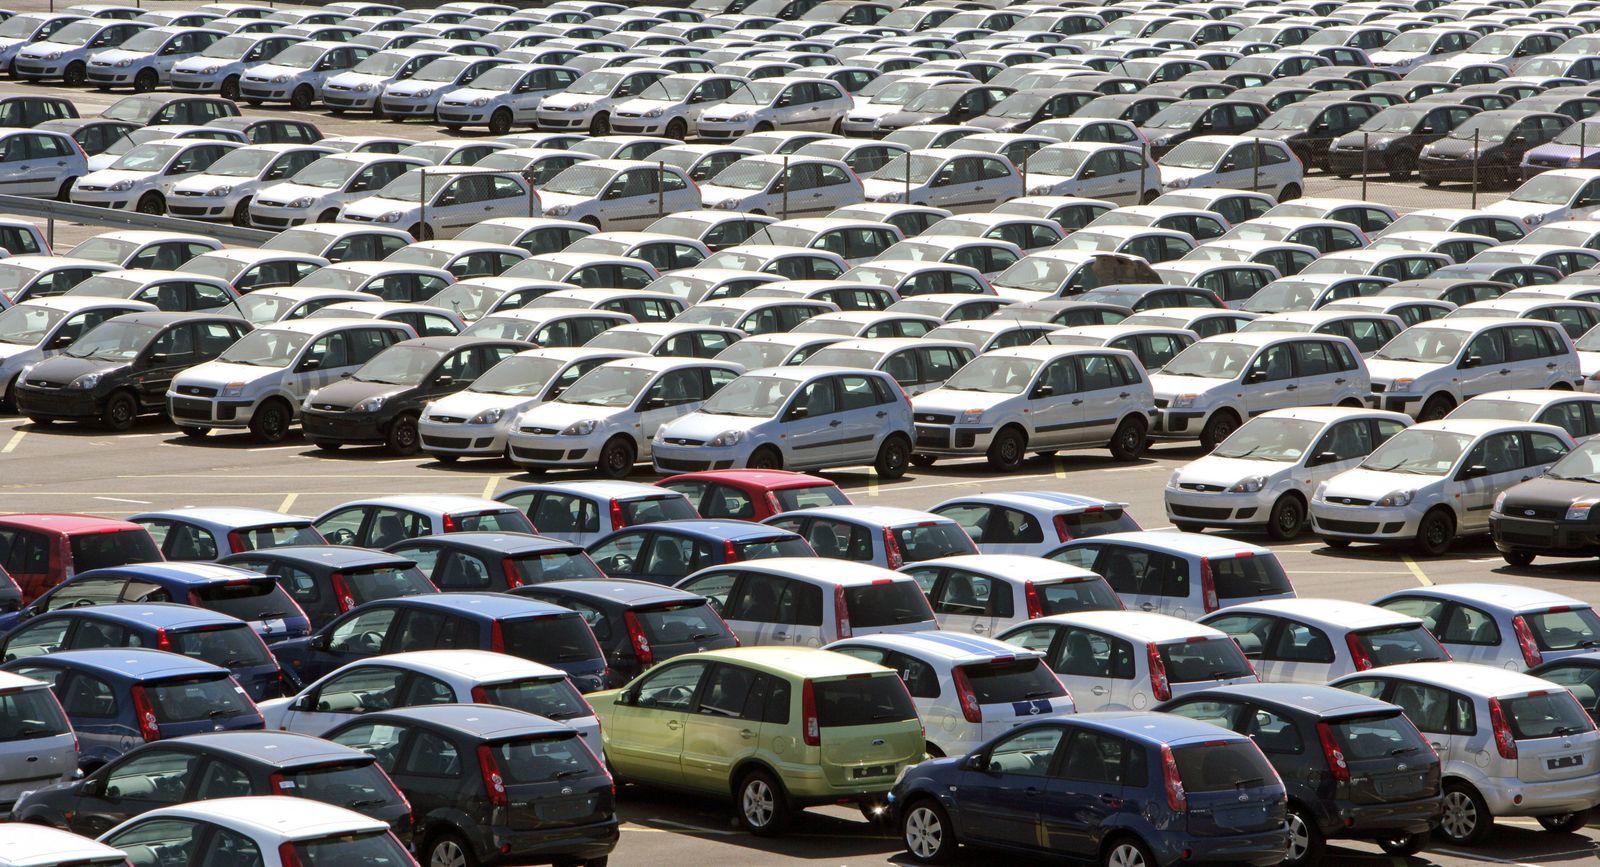 Neuwagen auf dem Werksgelände der Ford Werke GmbH in Köln-Niehl